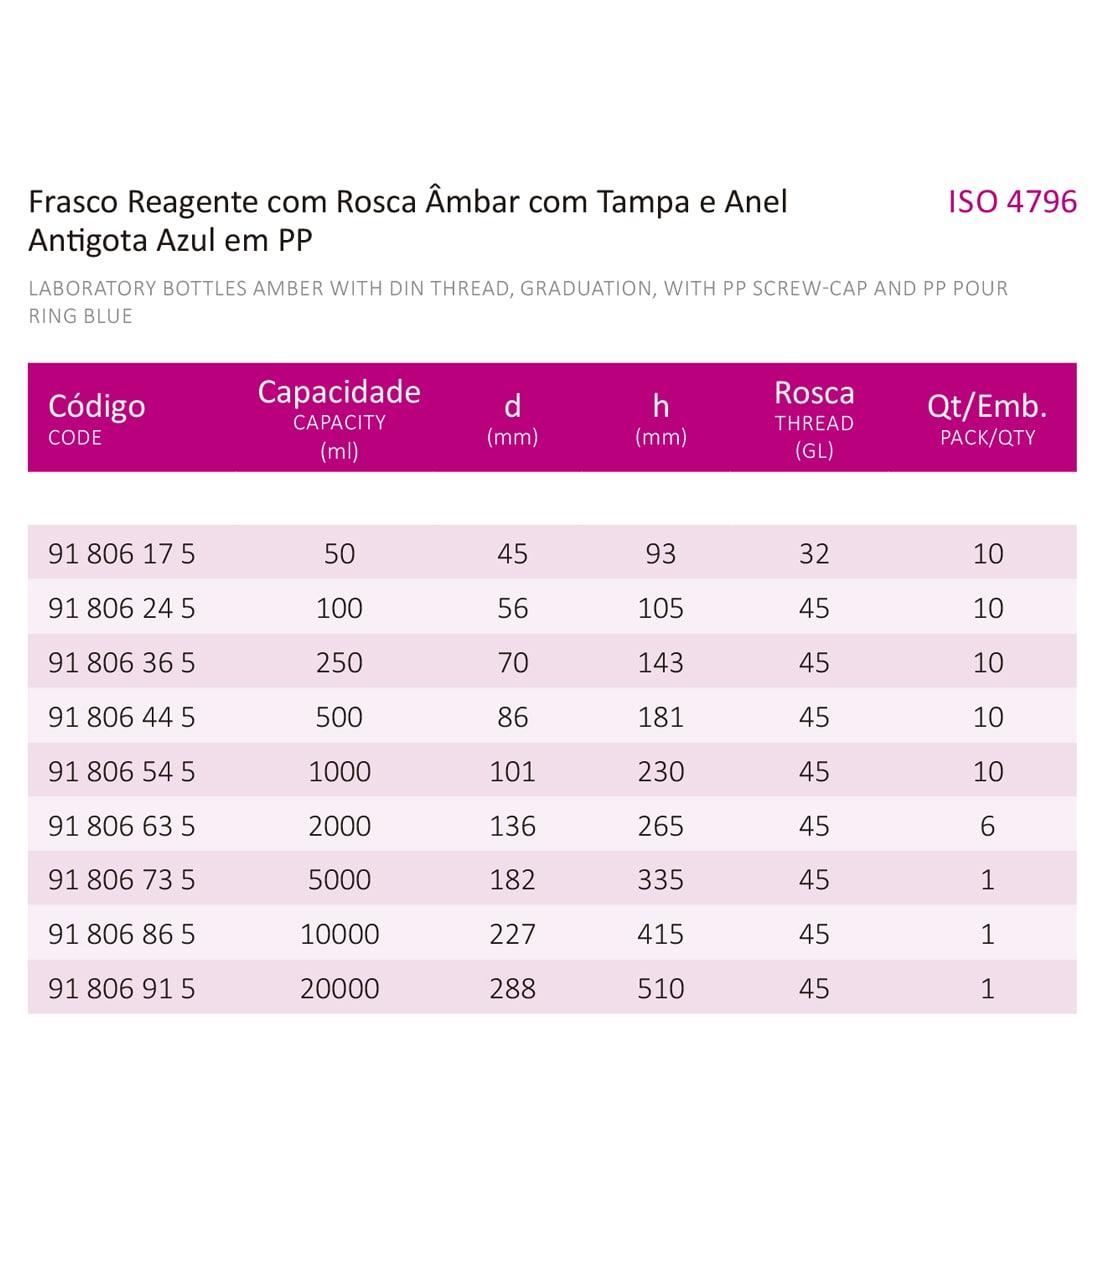 Frasco Reagente Âmbar com Rosca e Tampa GL 45 de 100 mL - Laborglas - 91806245